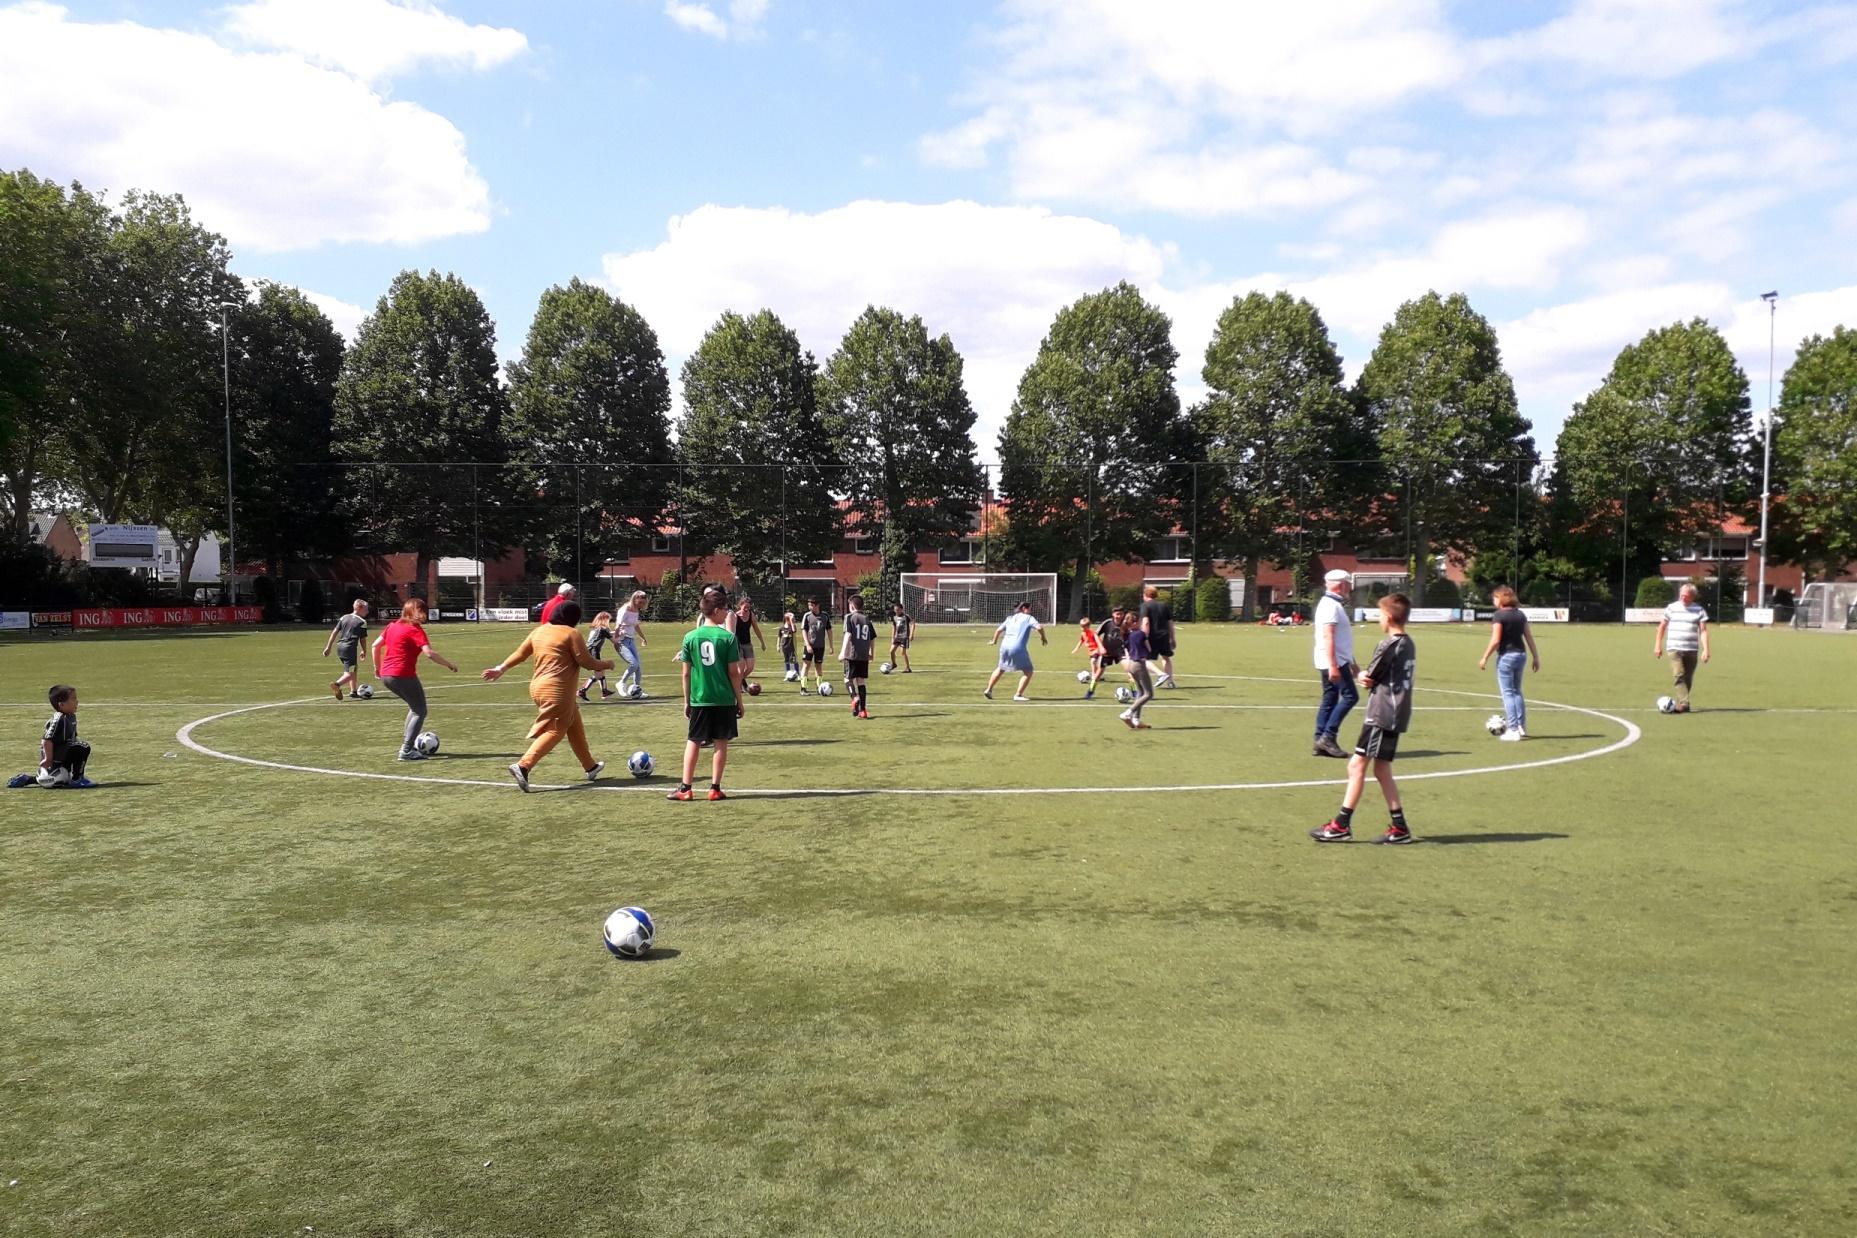 Voetbalcircuit voor kinderen uit het speciaal onderwijs